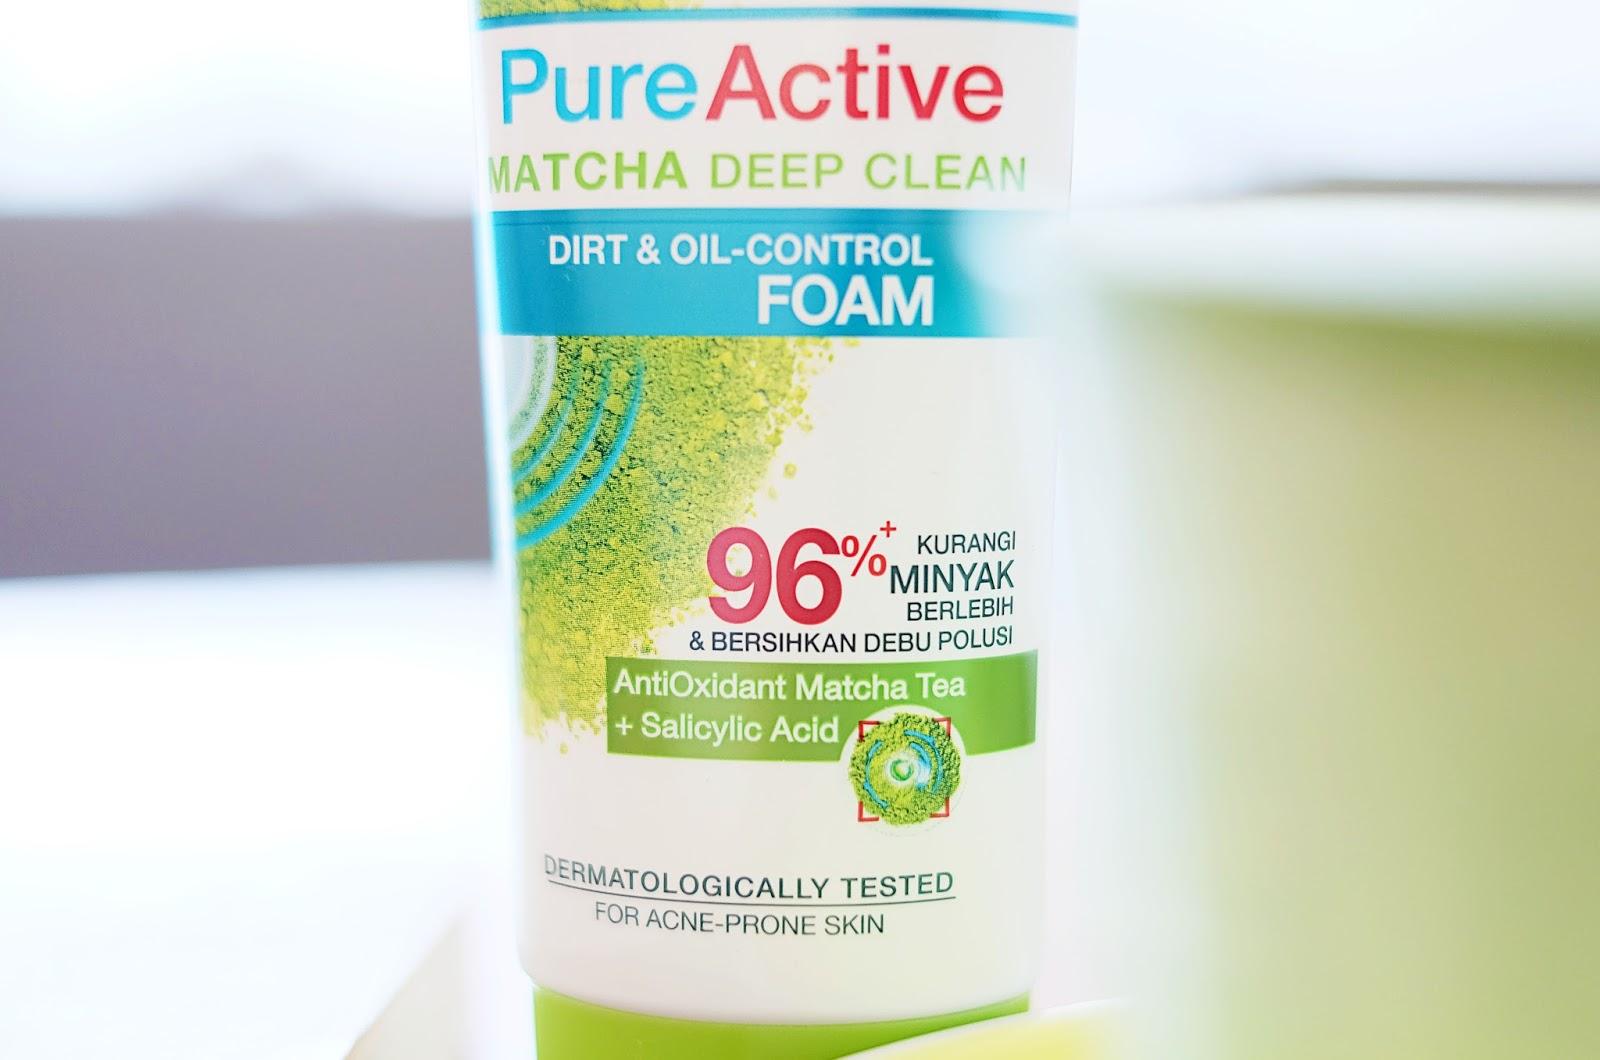 Manfaat Pencuci Muka Garnier Matcha Pure Active Deep Clean 50ml Beberapa Waktu Lalu Aku Sempat Diundang Ke Acara Launching